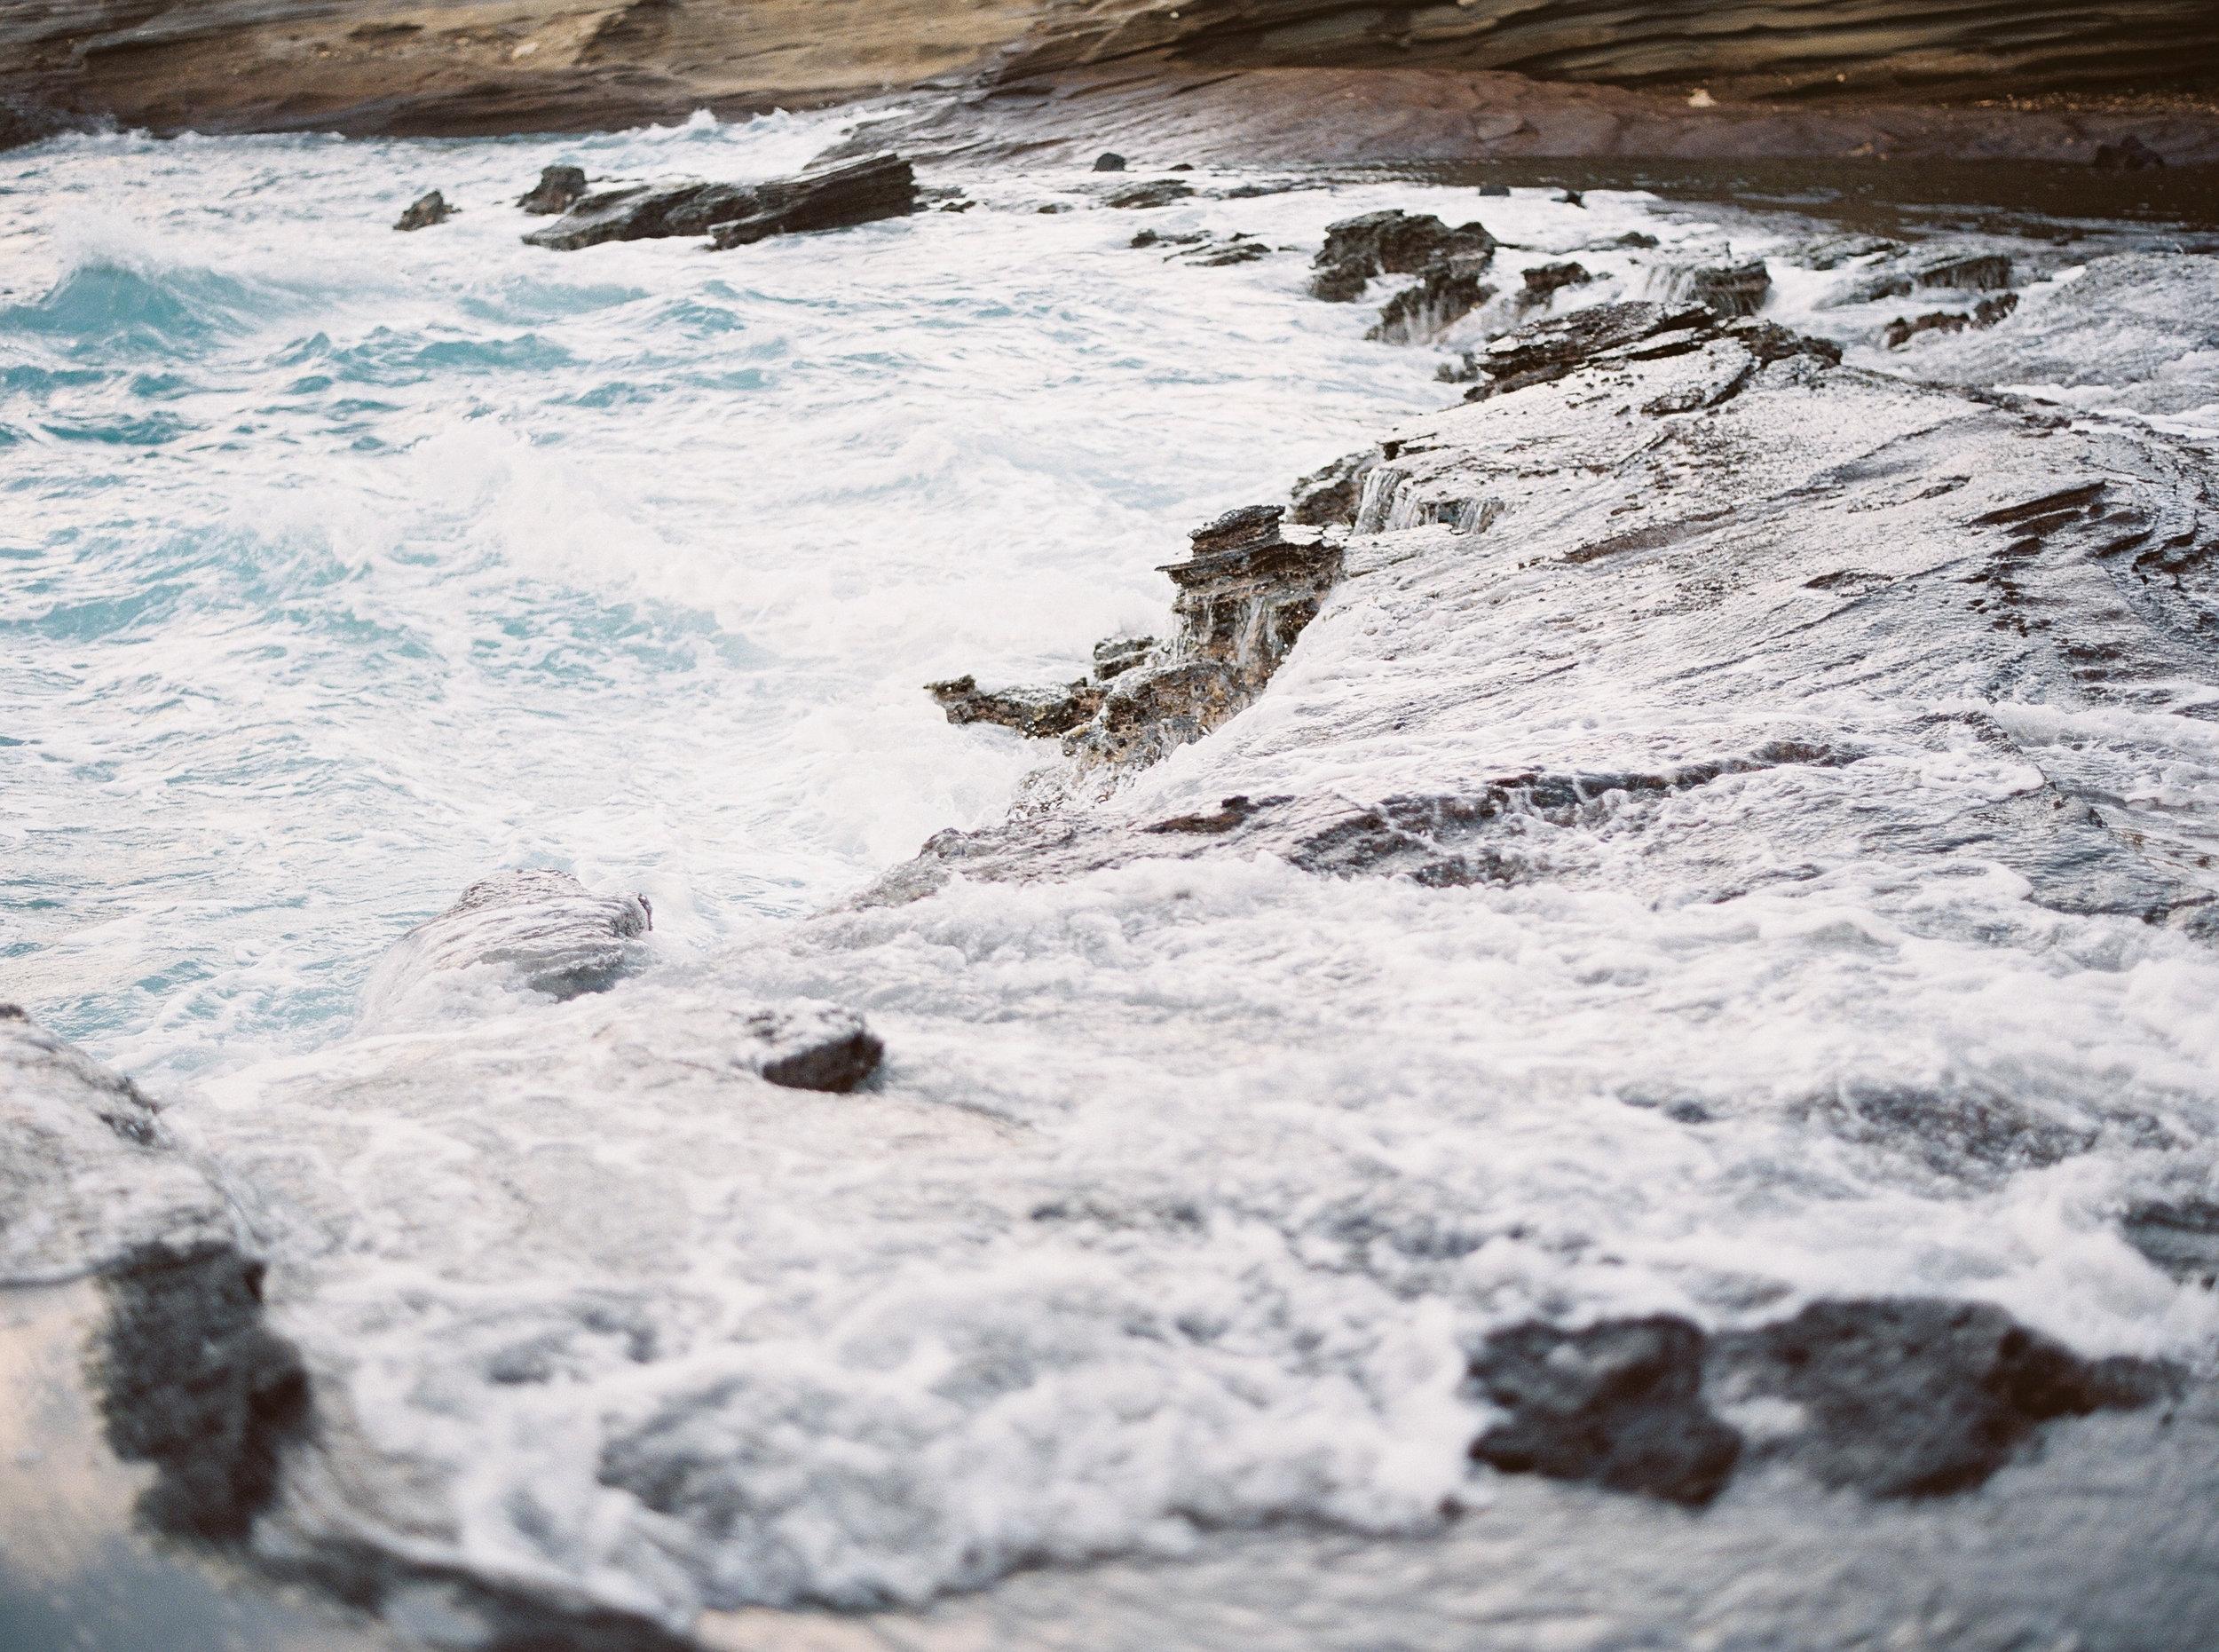 HawaiiStyledShootFILM (11 of 72).jpg